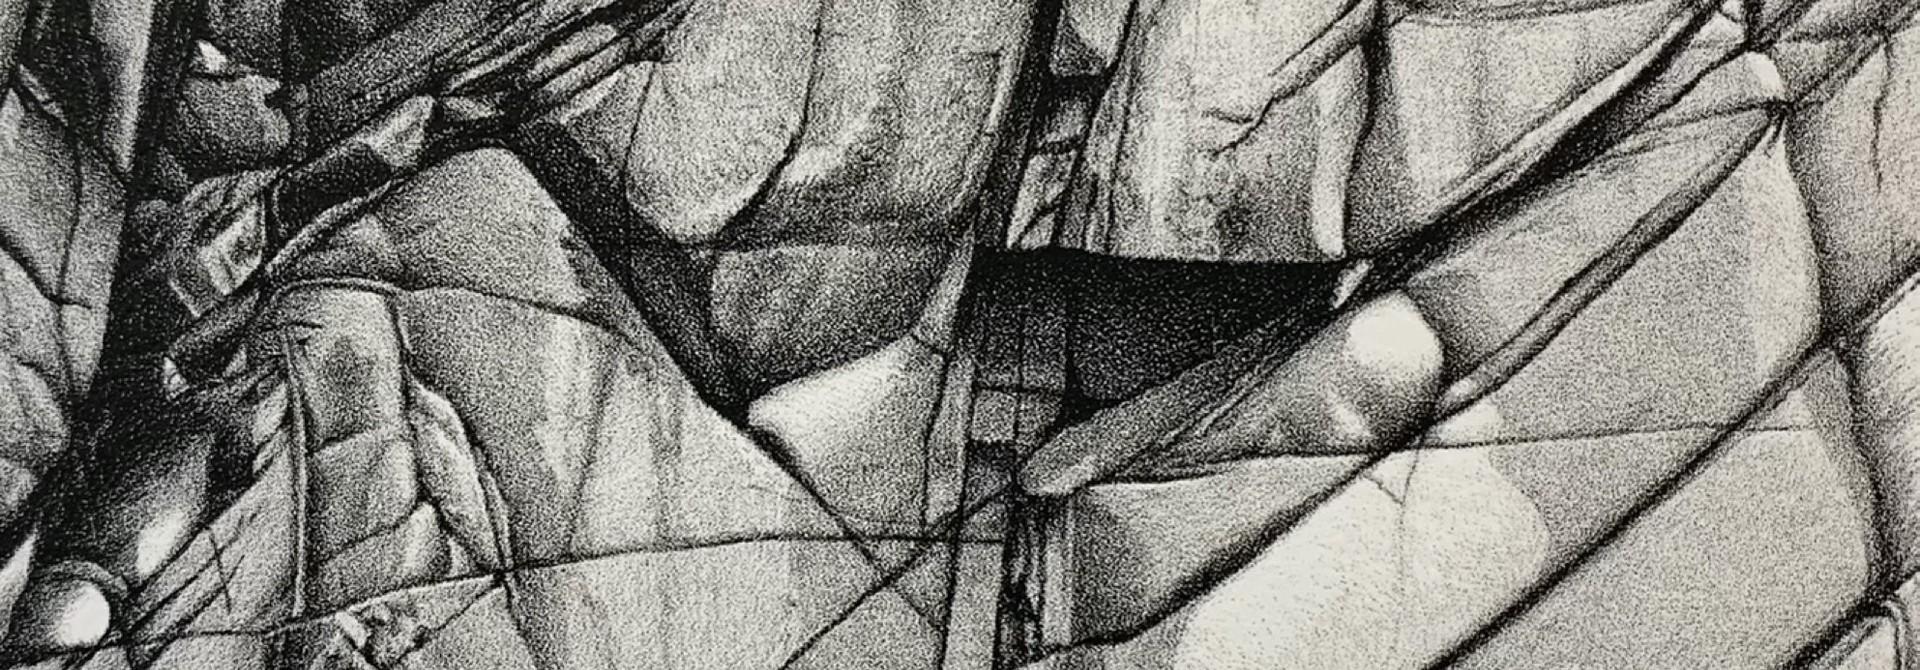 Calvert Island II (framed)